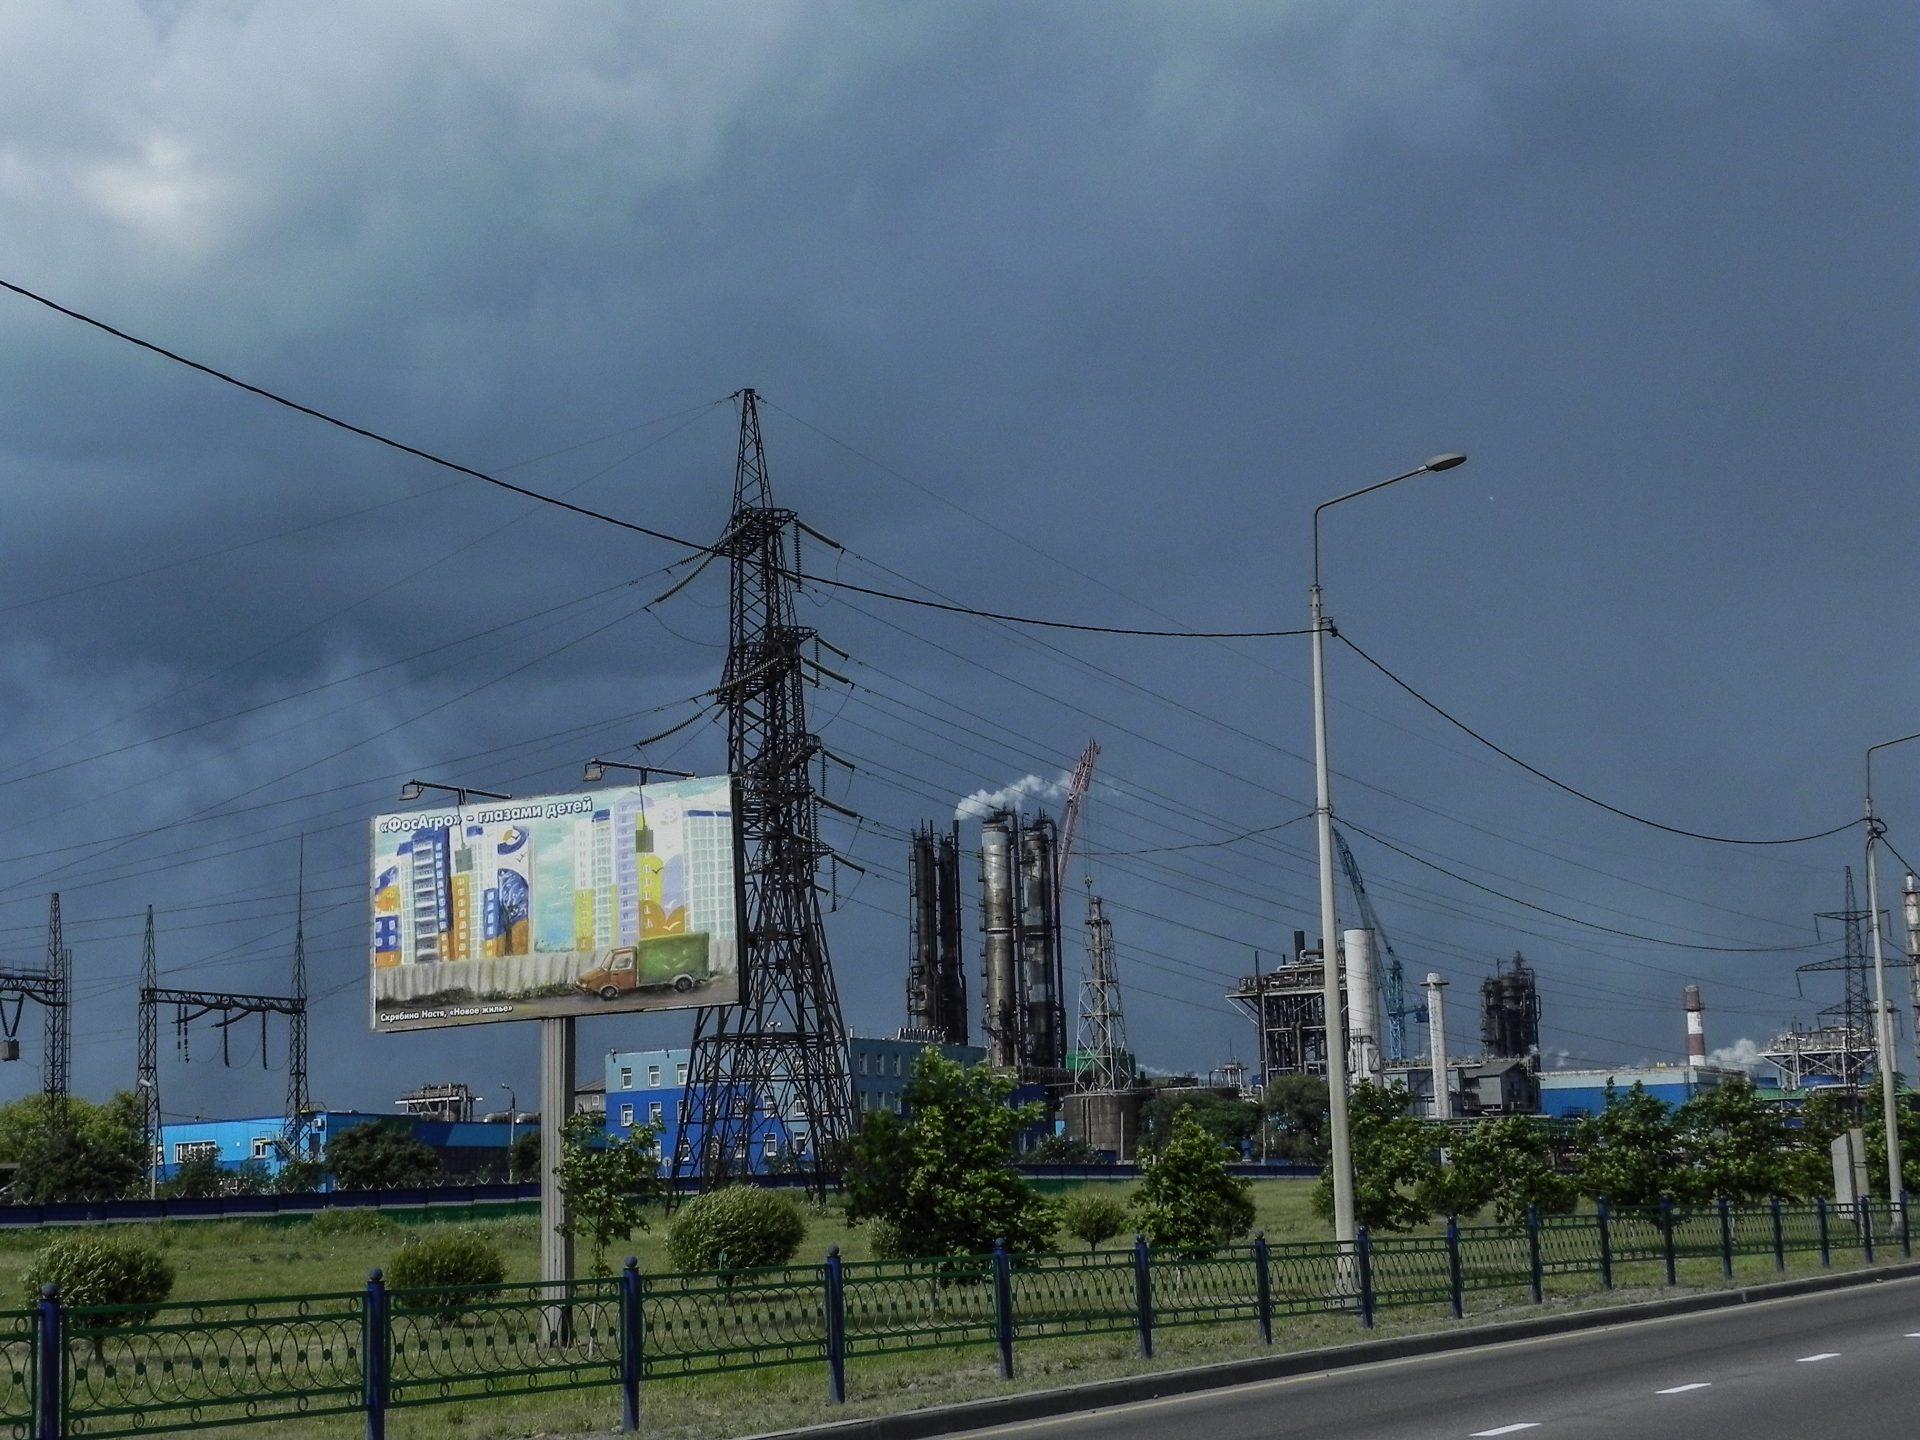 Череповец - ядовитый город России, как показатель экологической дестабилизации.